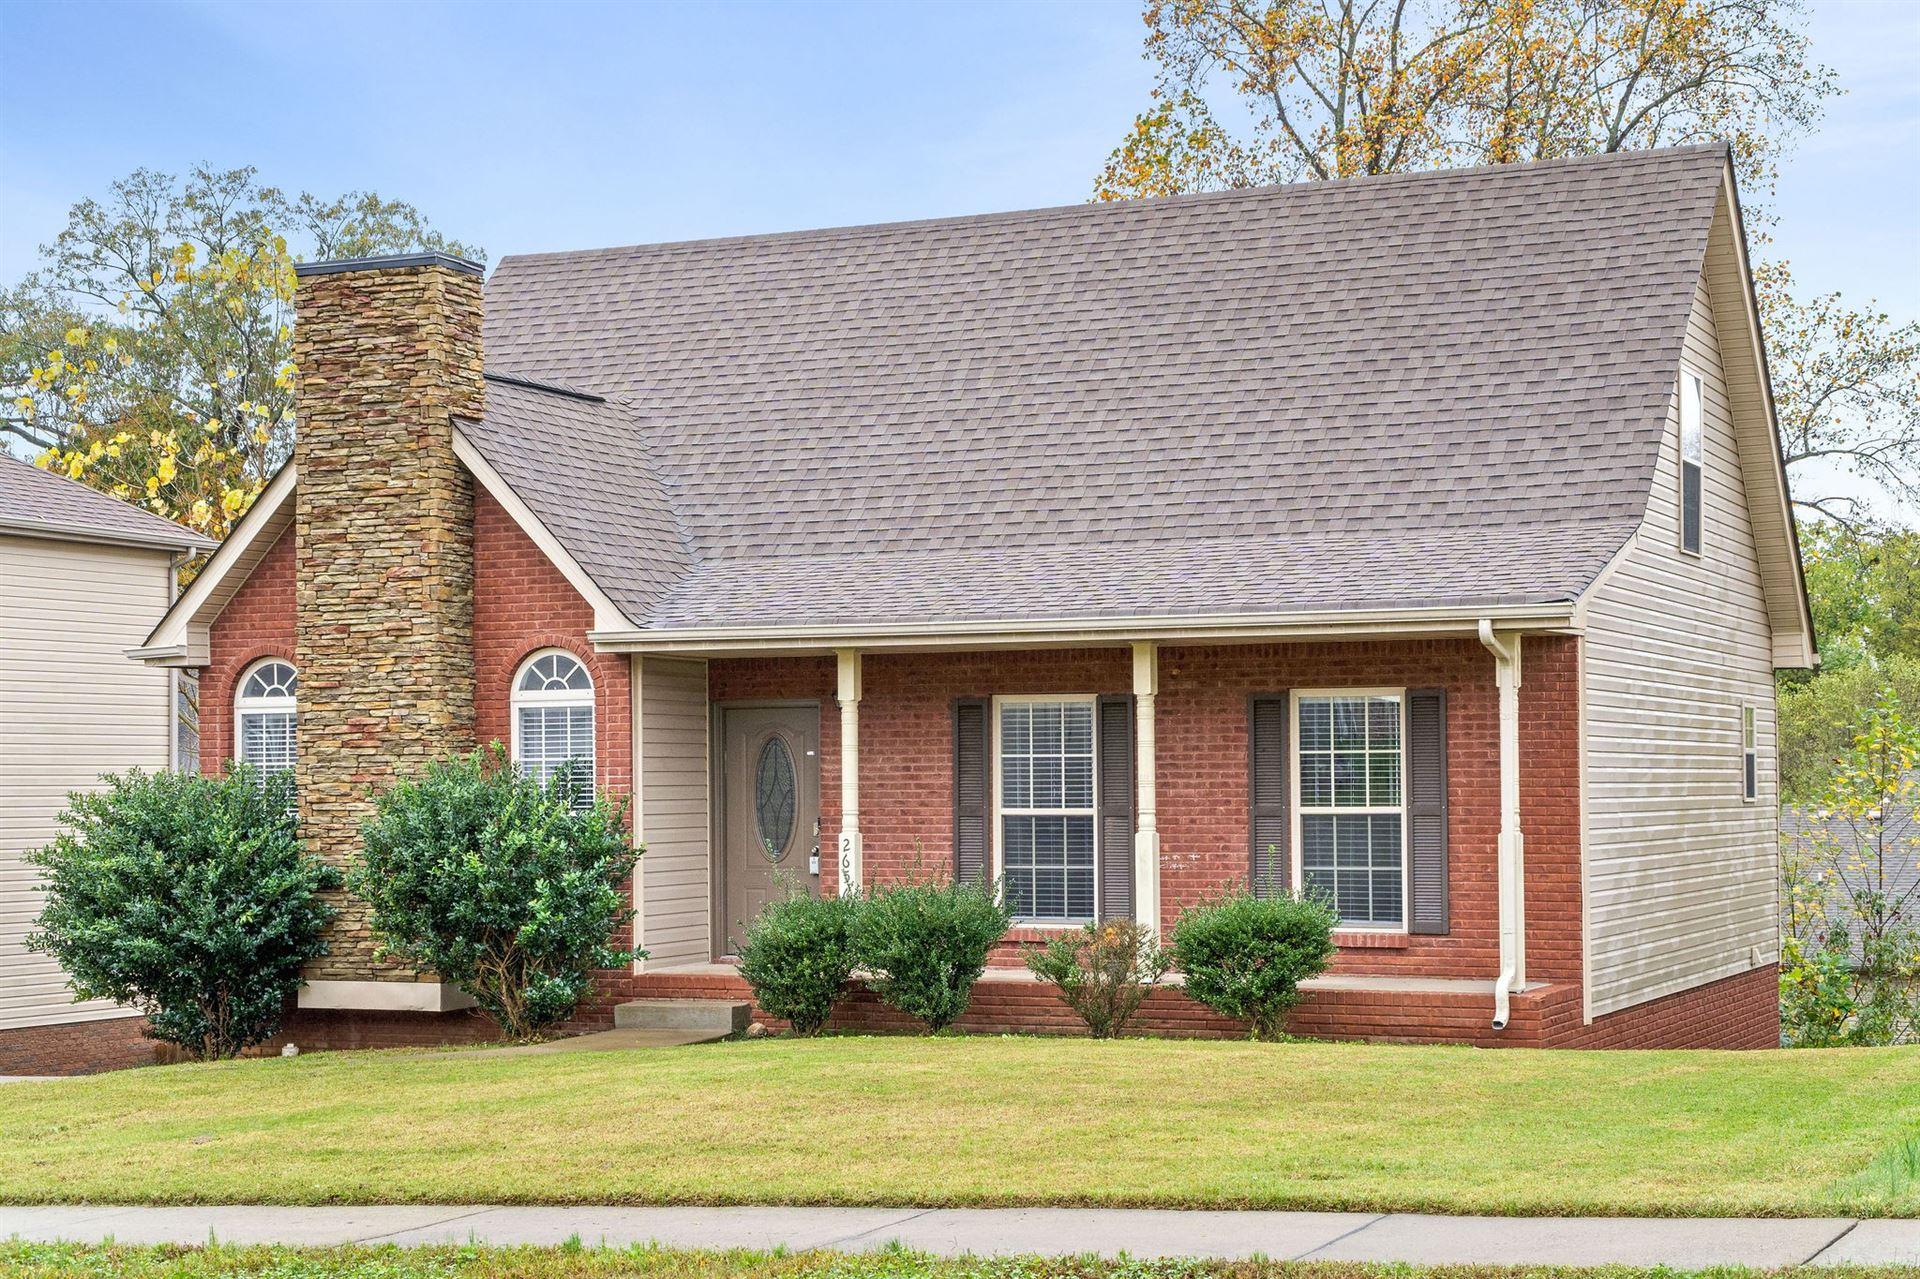 2656 Arthurs Ct, Clarksville, TN 37040 - MLS#: 2202481